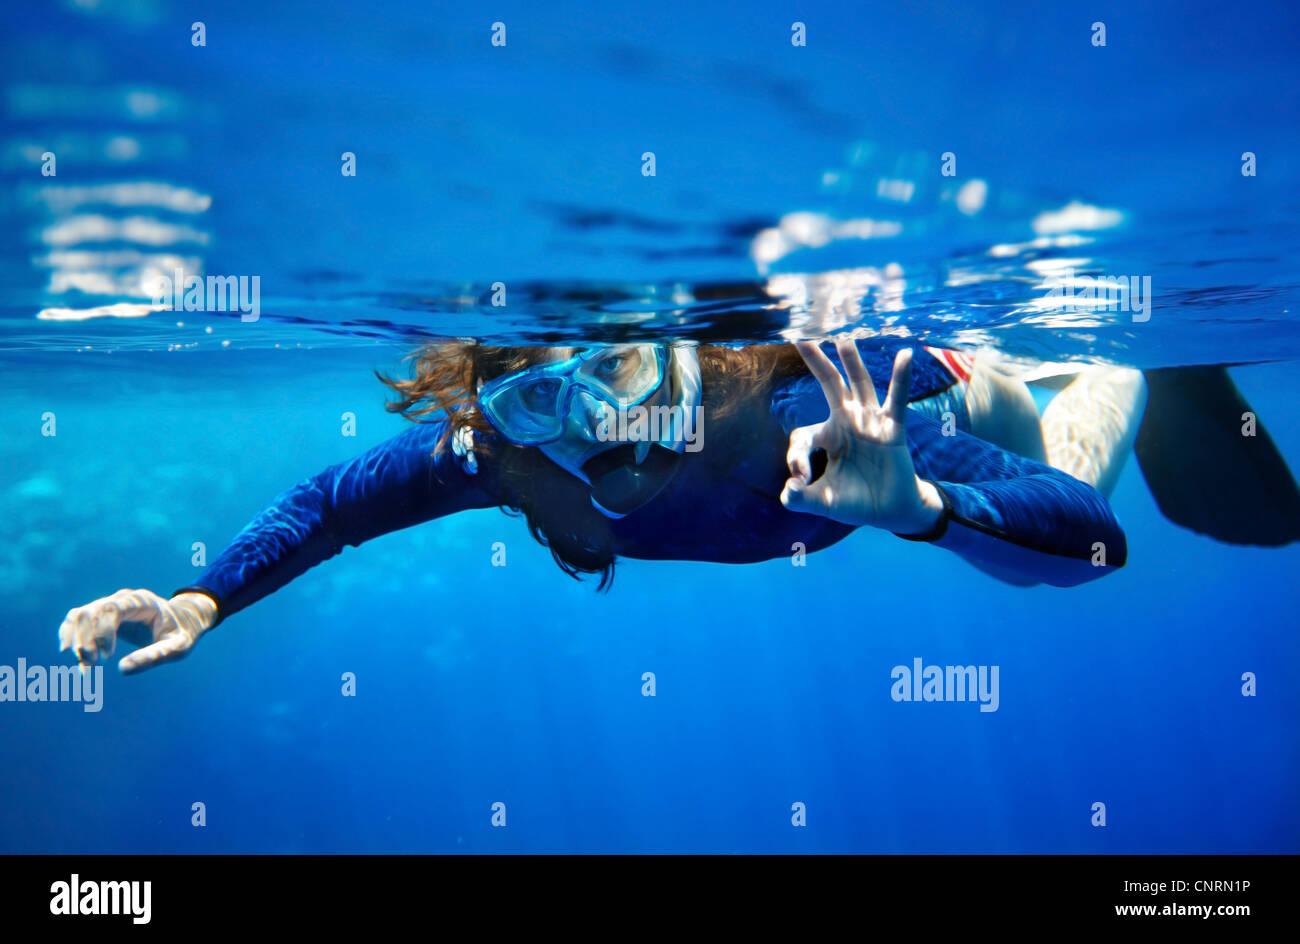 Scuba Diver giovane donna in blu dell'acqua. Immagini Stock